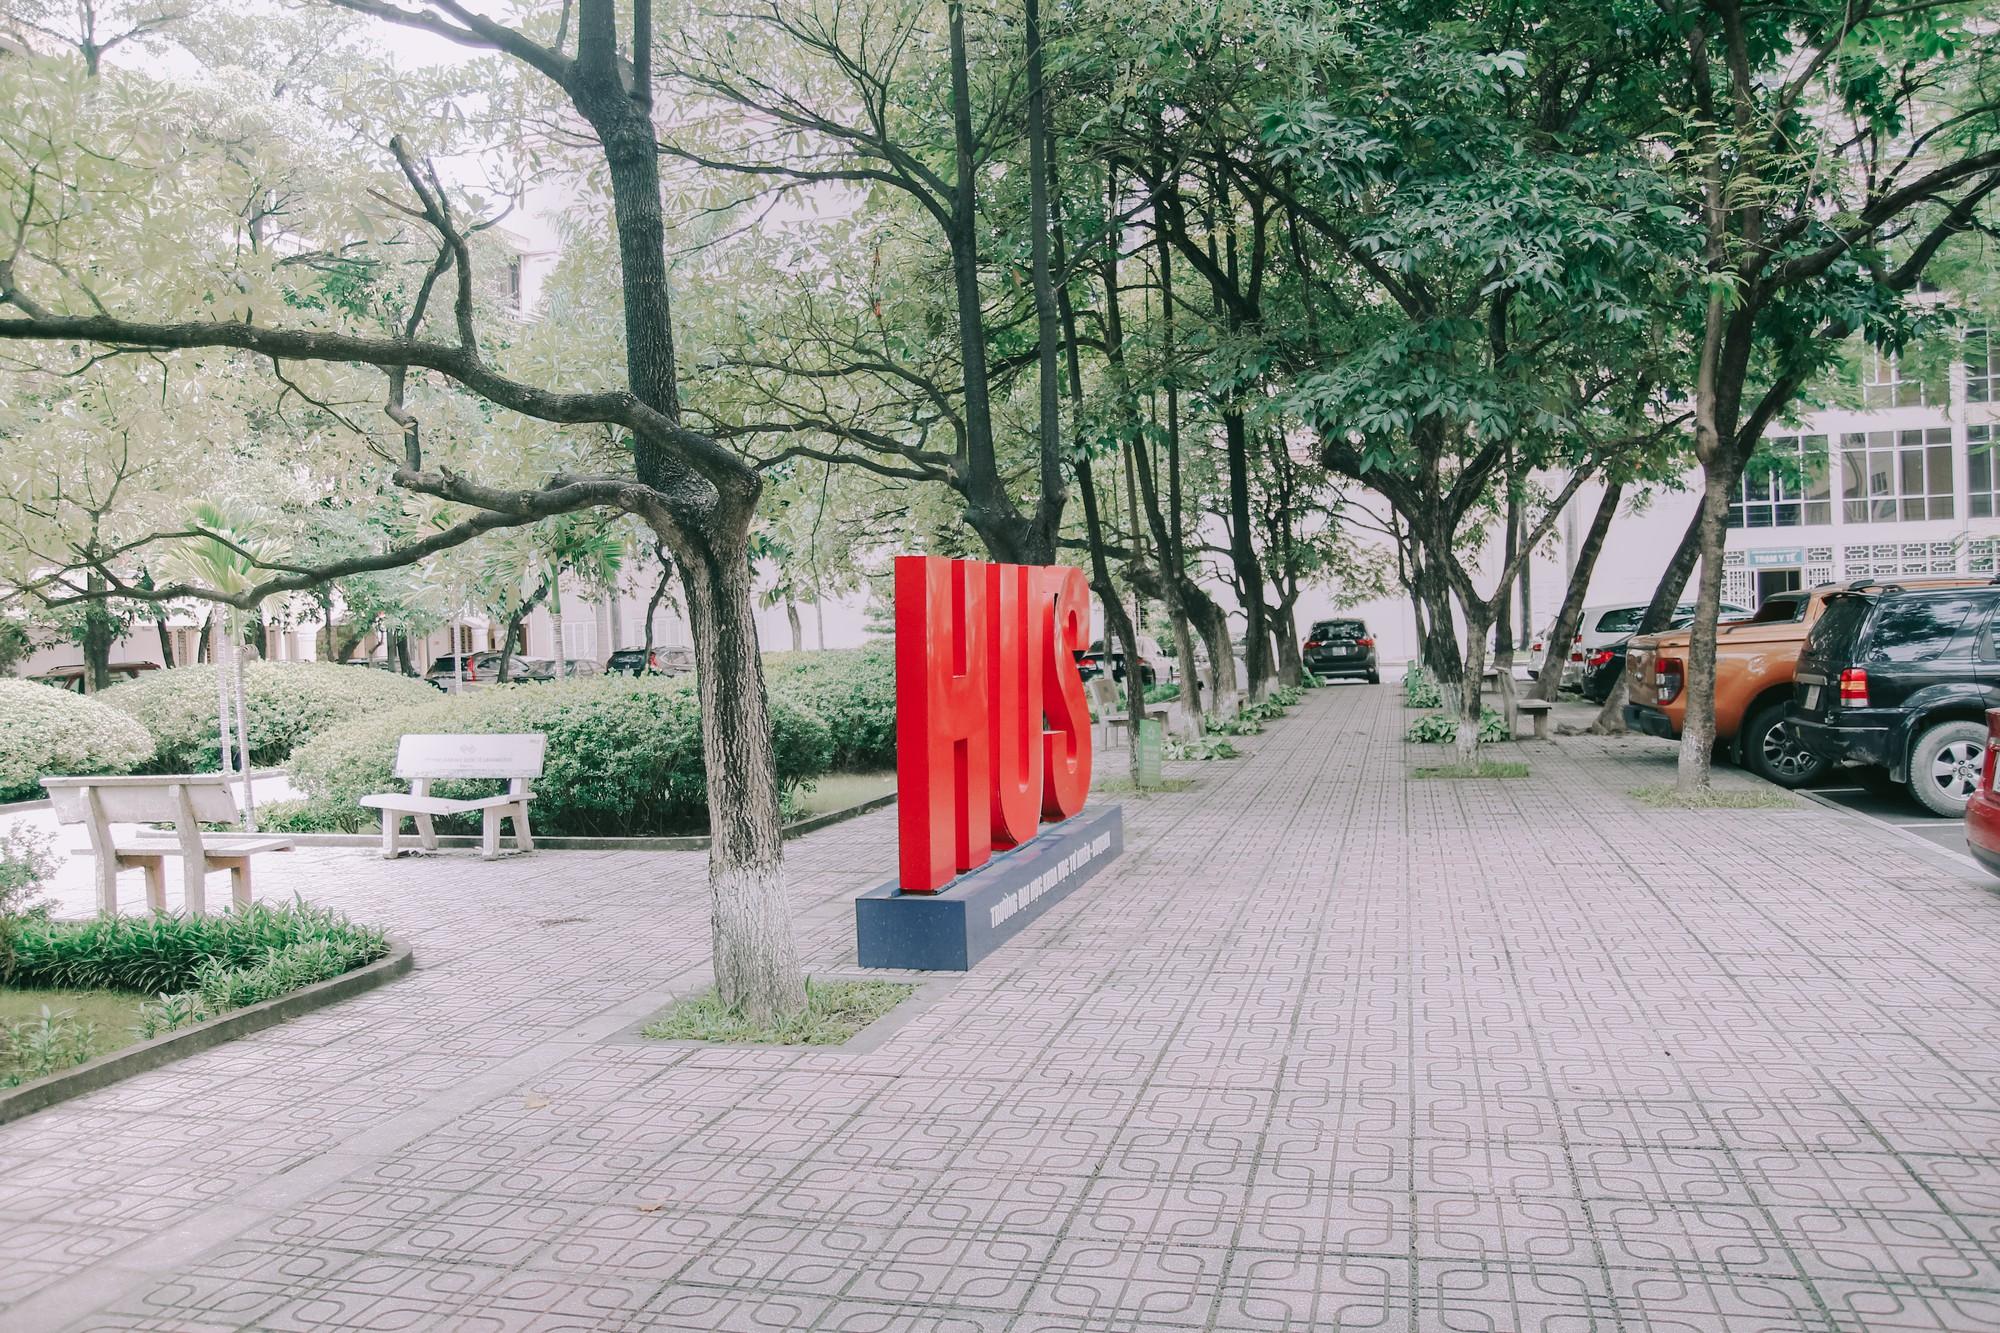 Ở Hà Nội có 1 ngôi trường mà đến cái thùng rác cũng là 1 góc sống ảo so deep - Ảnh 2.